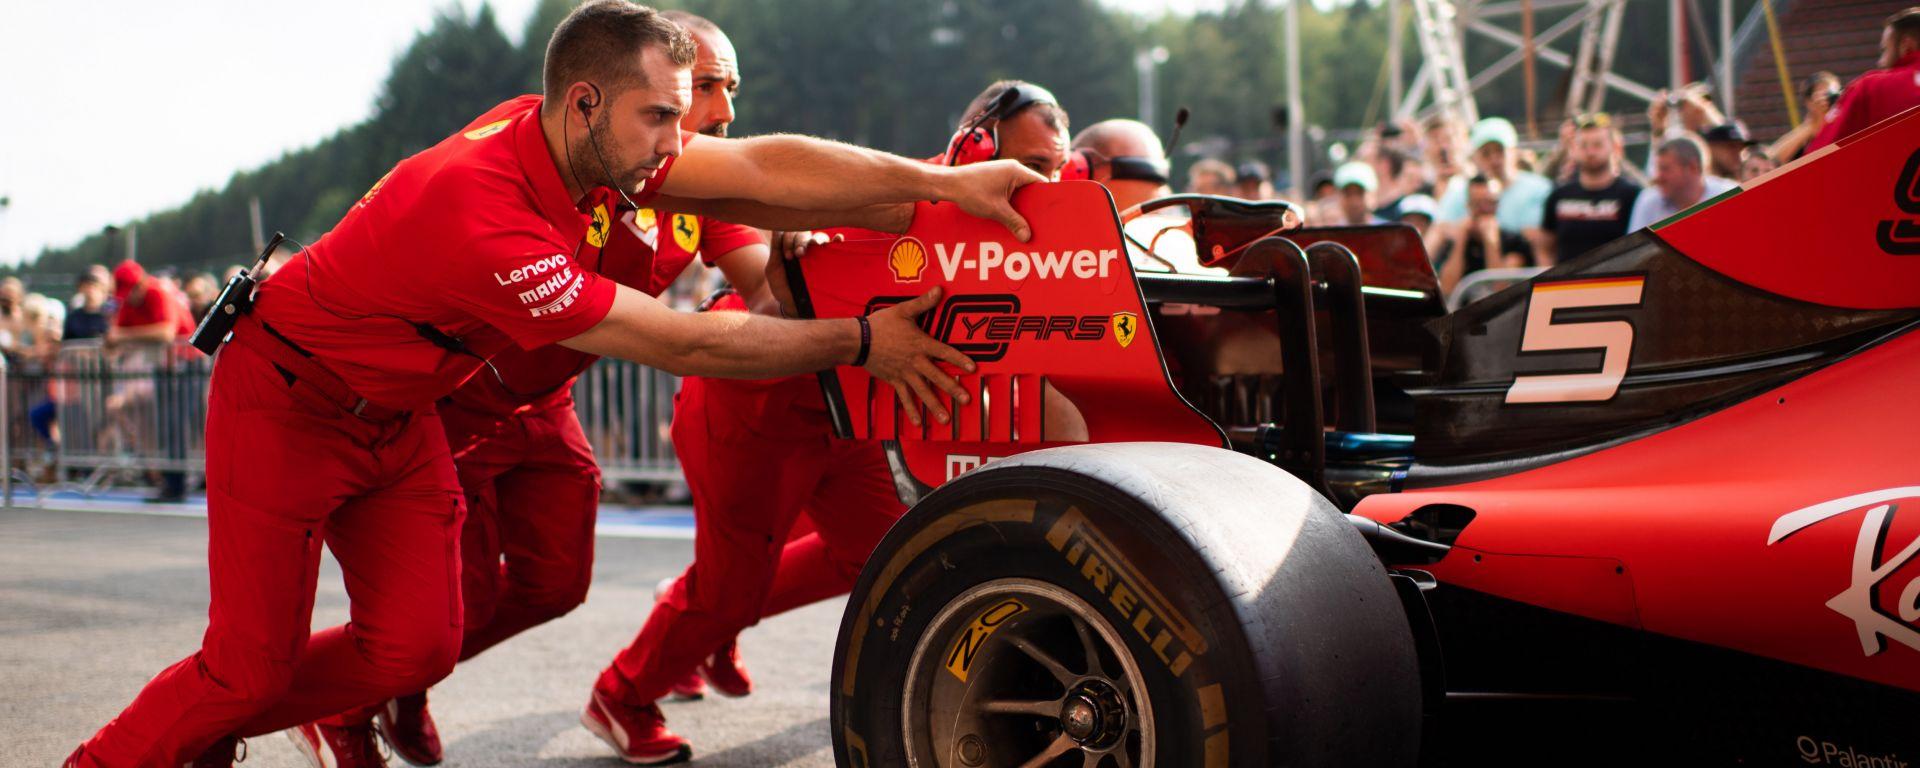 F1, GP Belgio 2019: meccanici Ferrari spingono la monoposto di Vettel dopo le verifiche tecniche